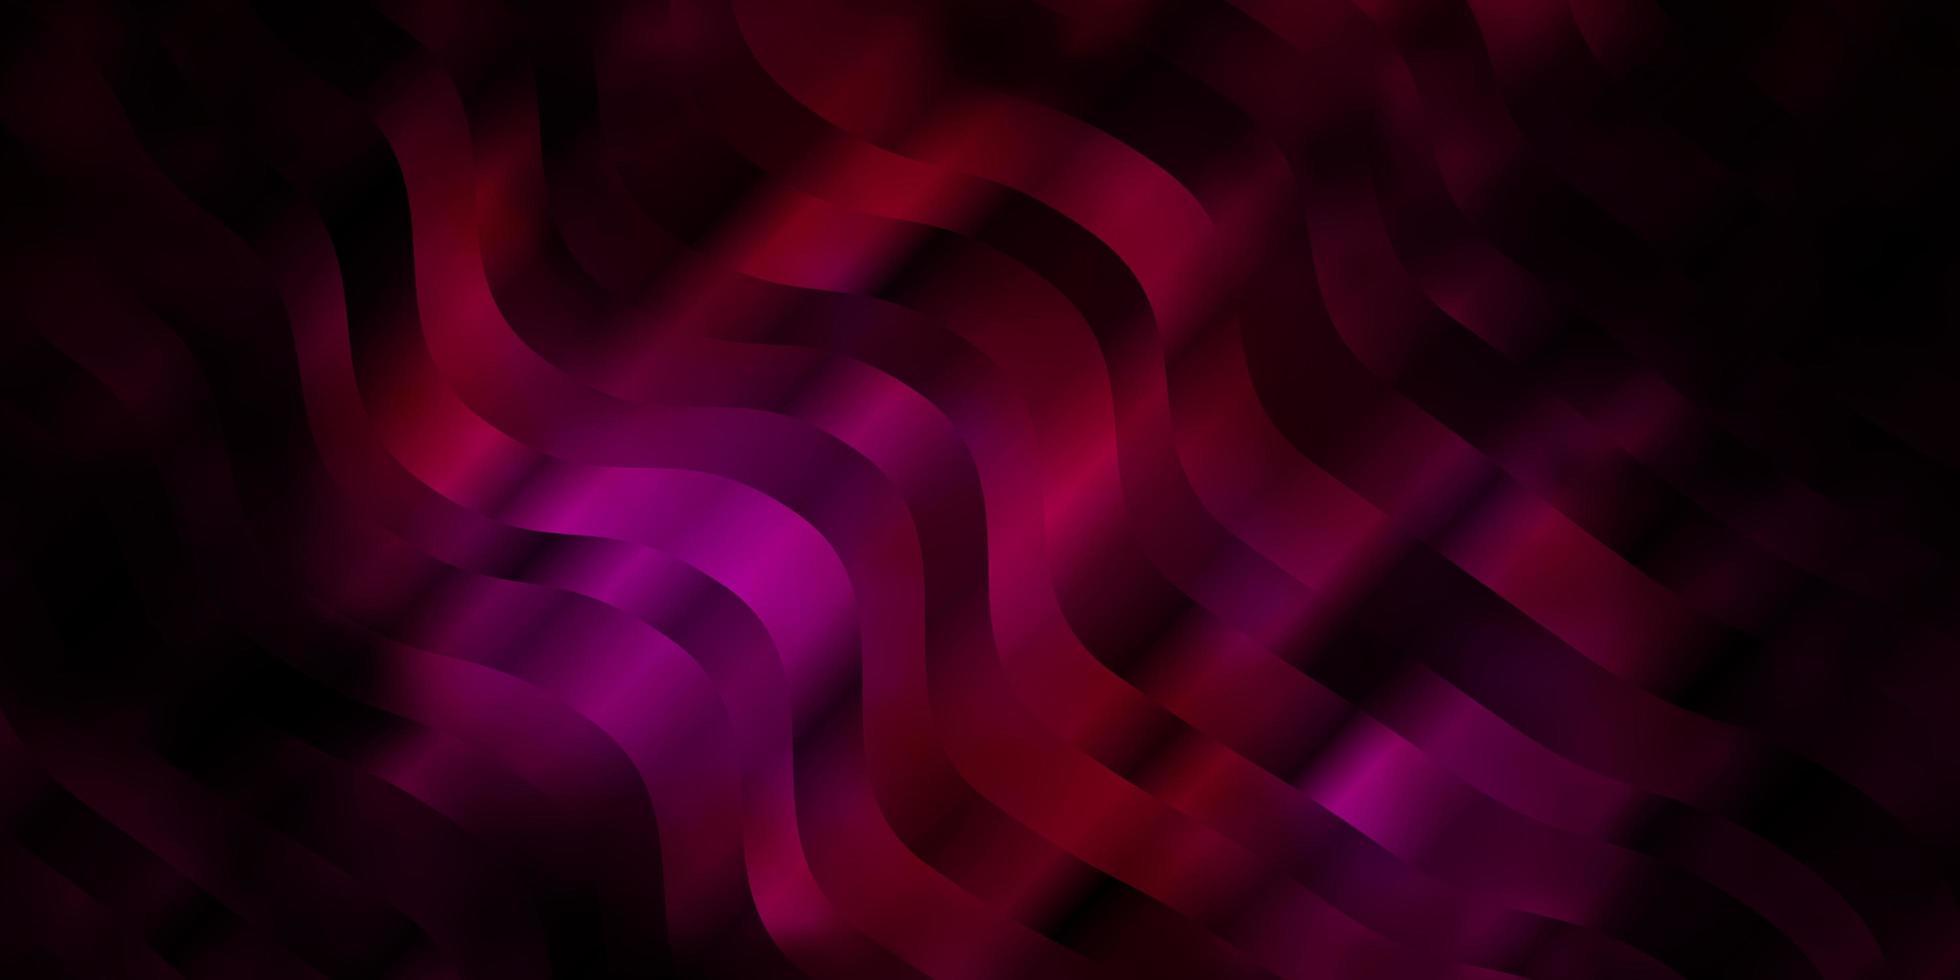 fond de vecteur rose foncé avec des lignes.